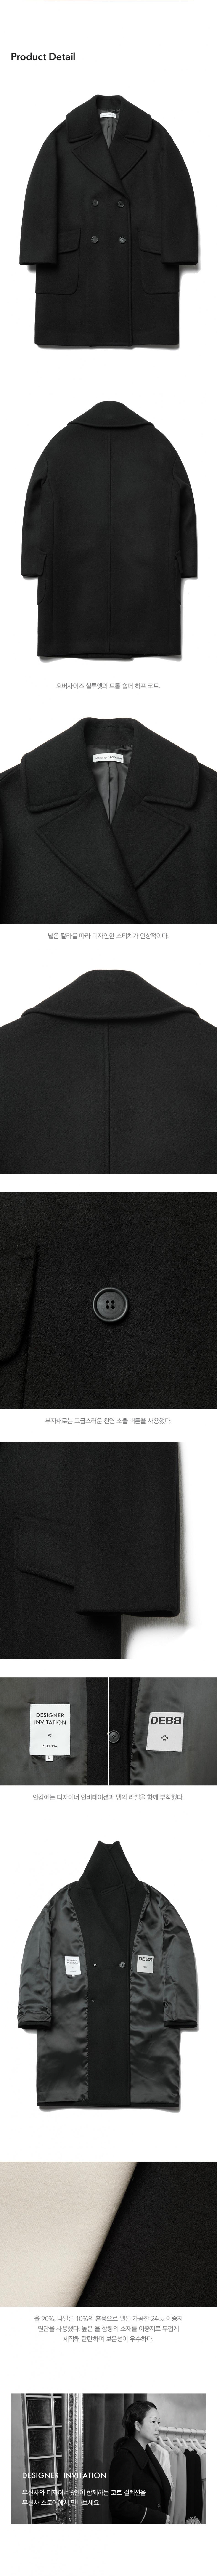 디자이너 인비테이션(DESIGNER INVITATION) 오버사이즈 더블 하프 코트 [블랙]